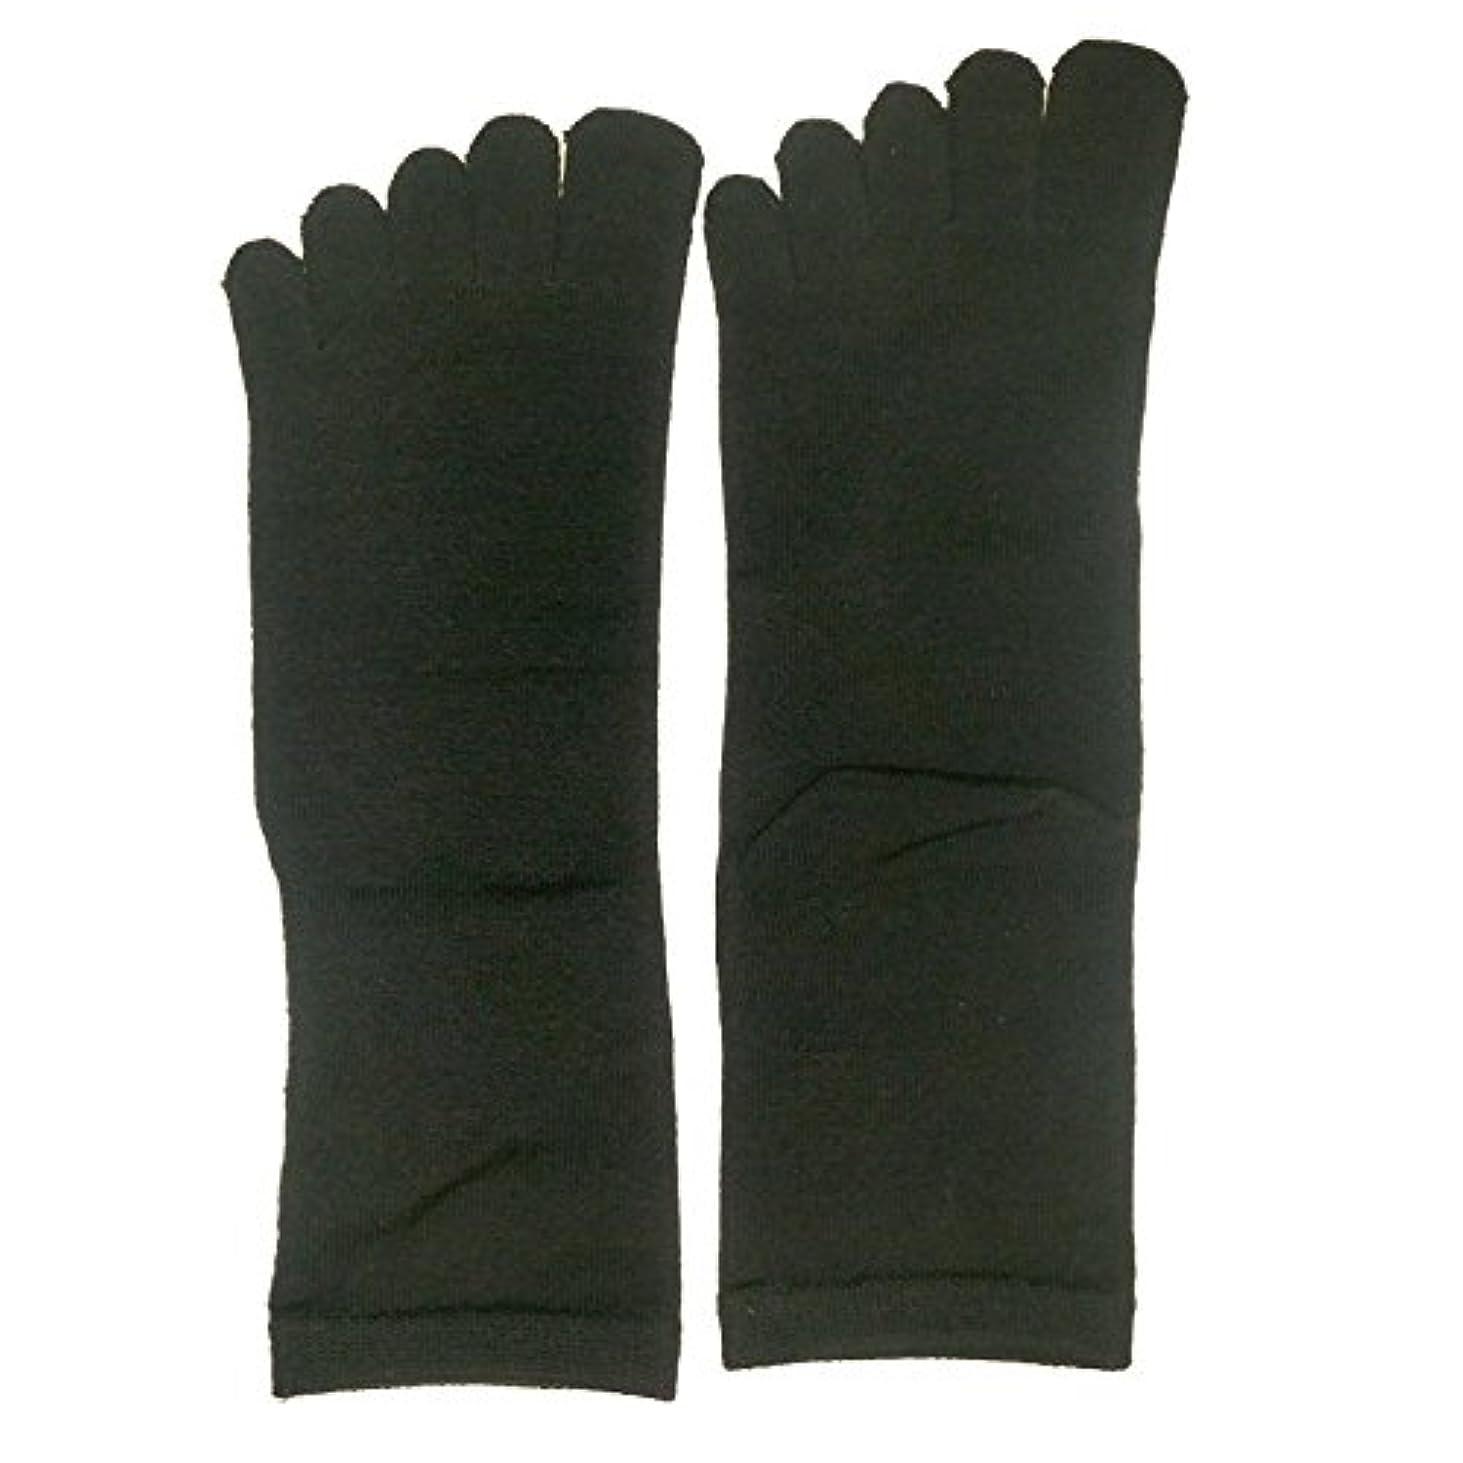 パーティーご飯木曜日【3足セット】シルク 五本指 ソックス レギュラー丈 25-27cm 日本製 (ブラック)絹 靴下